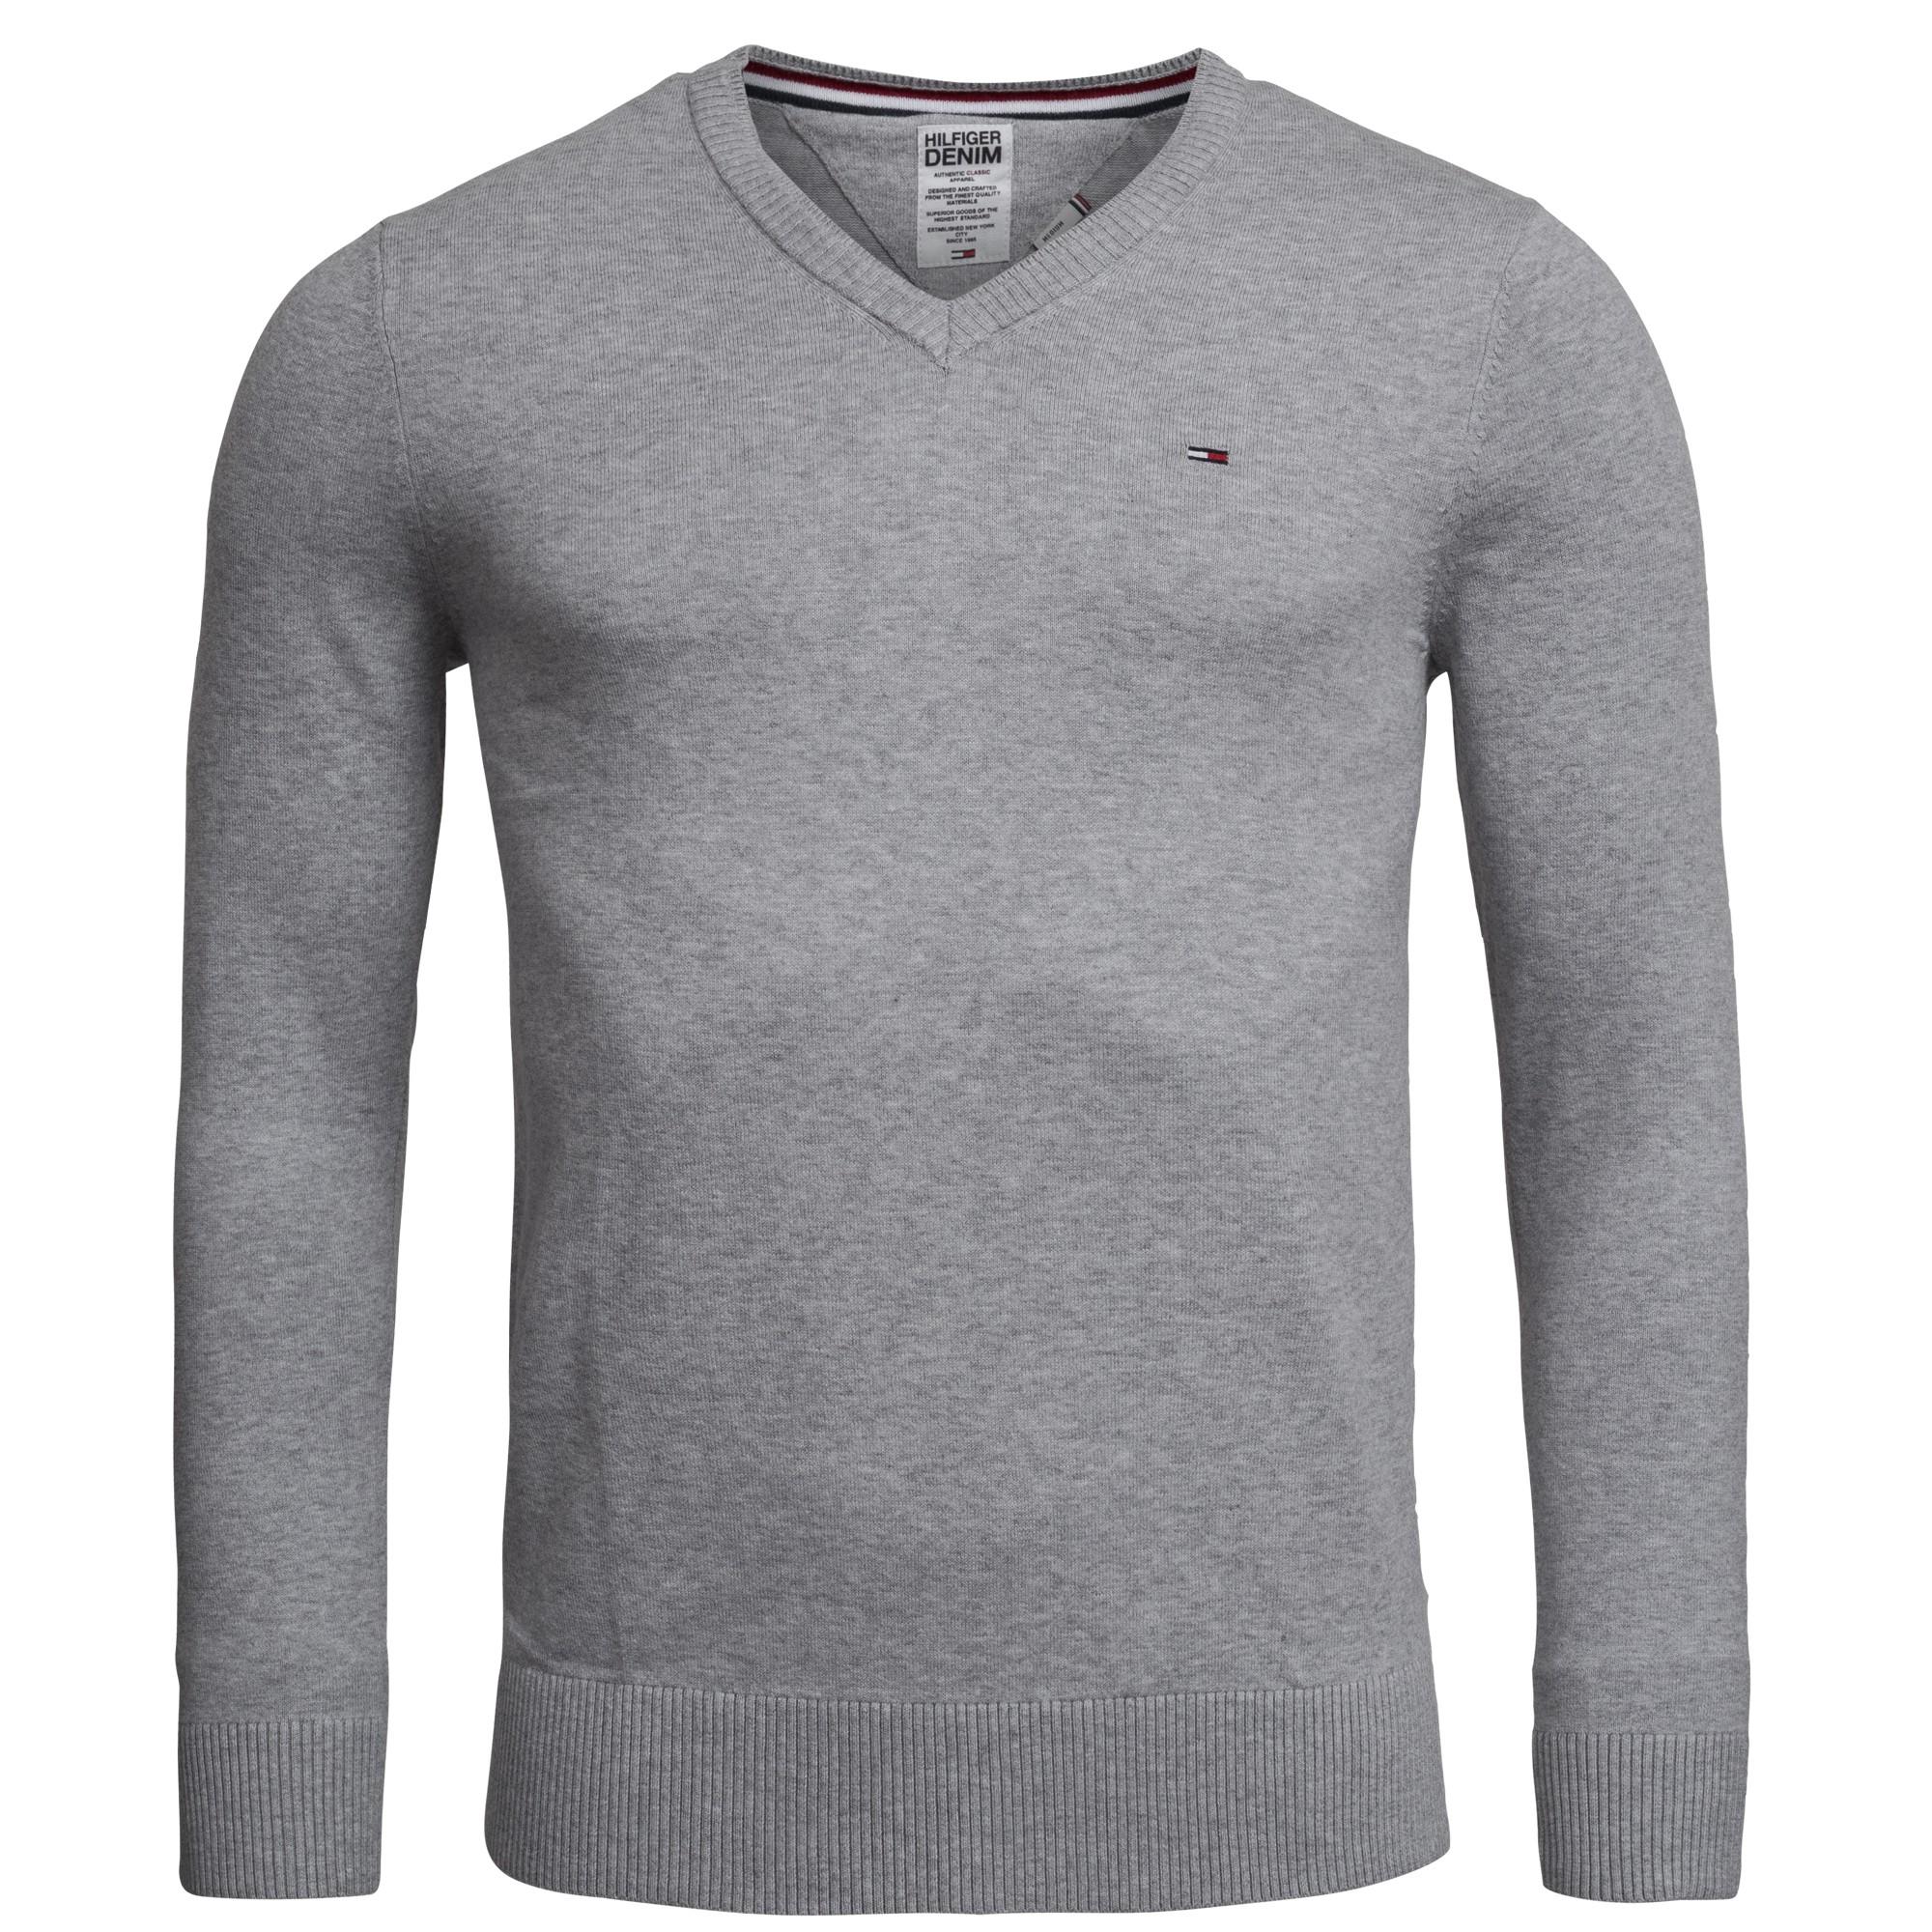 Tommy Hilfiger Pullover Herren V-Neck Pullover Pulli Sweater Strick ... 484f9bdfb4